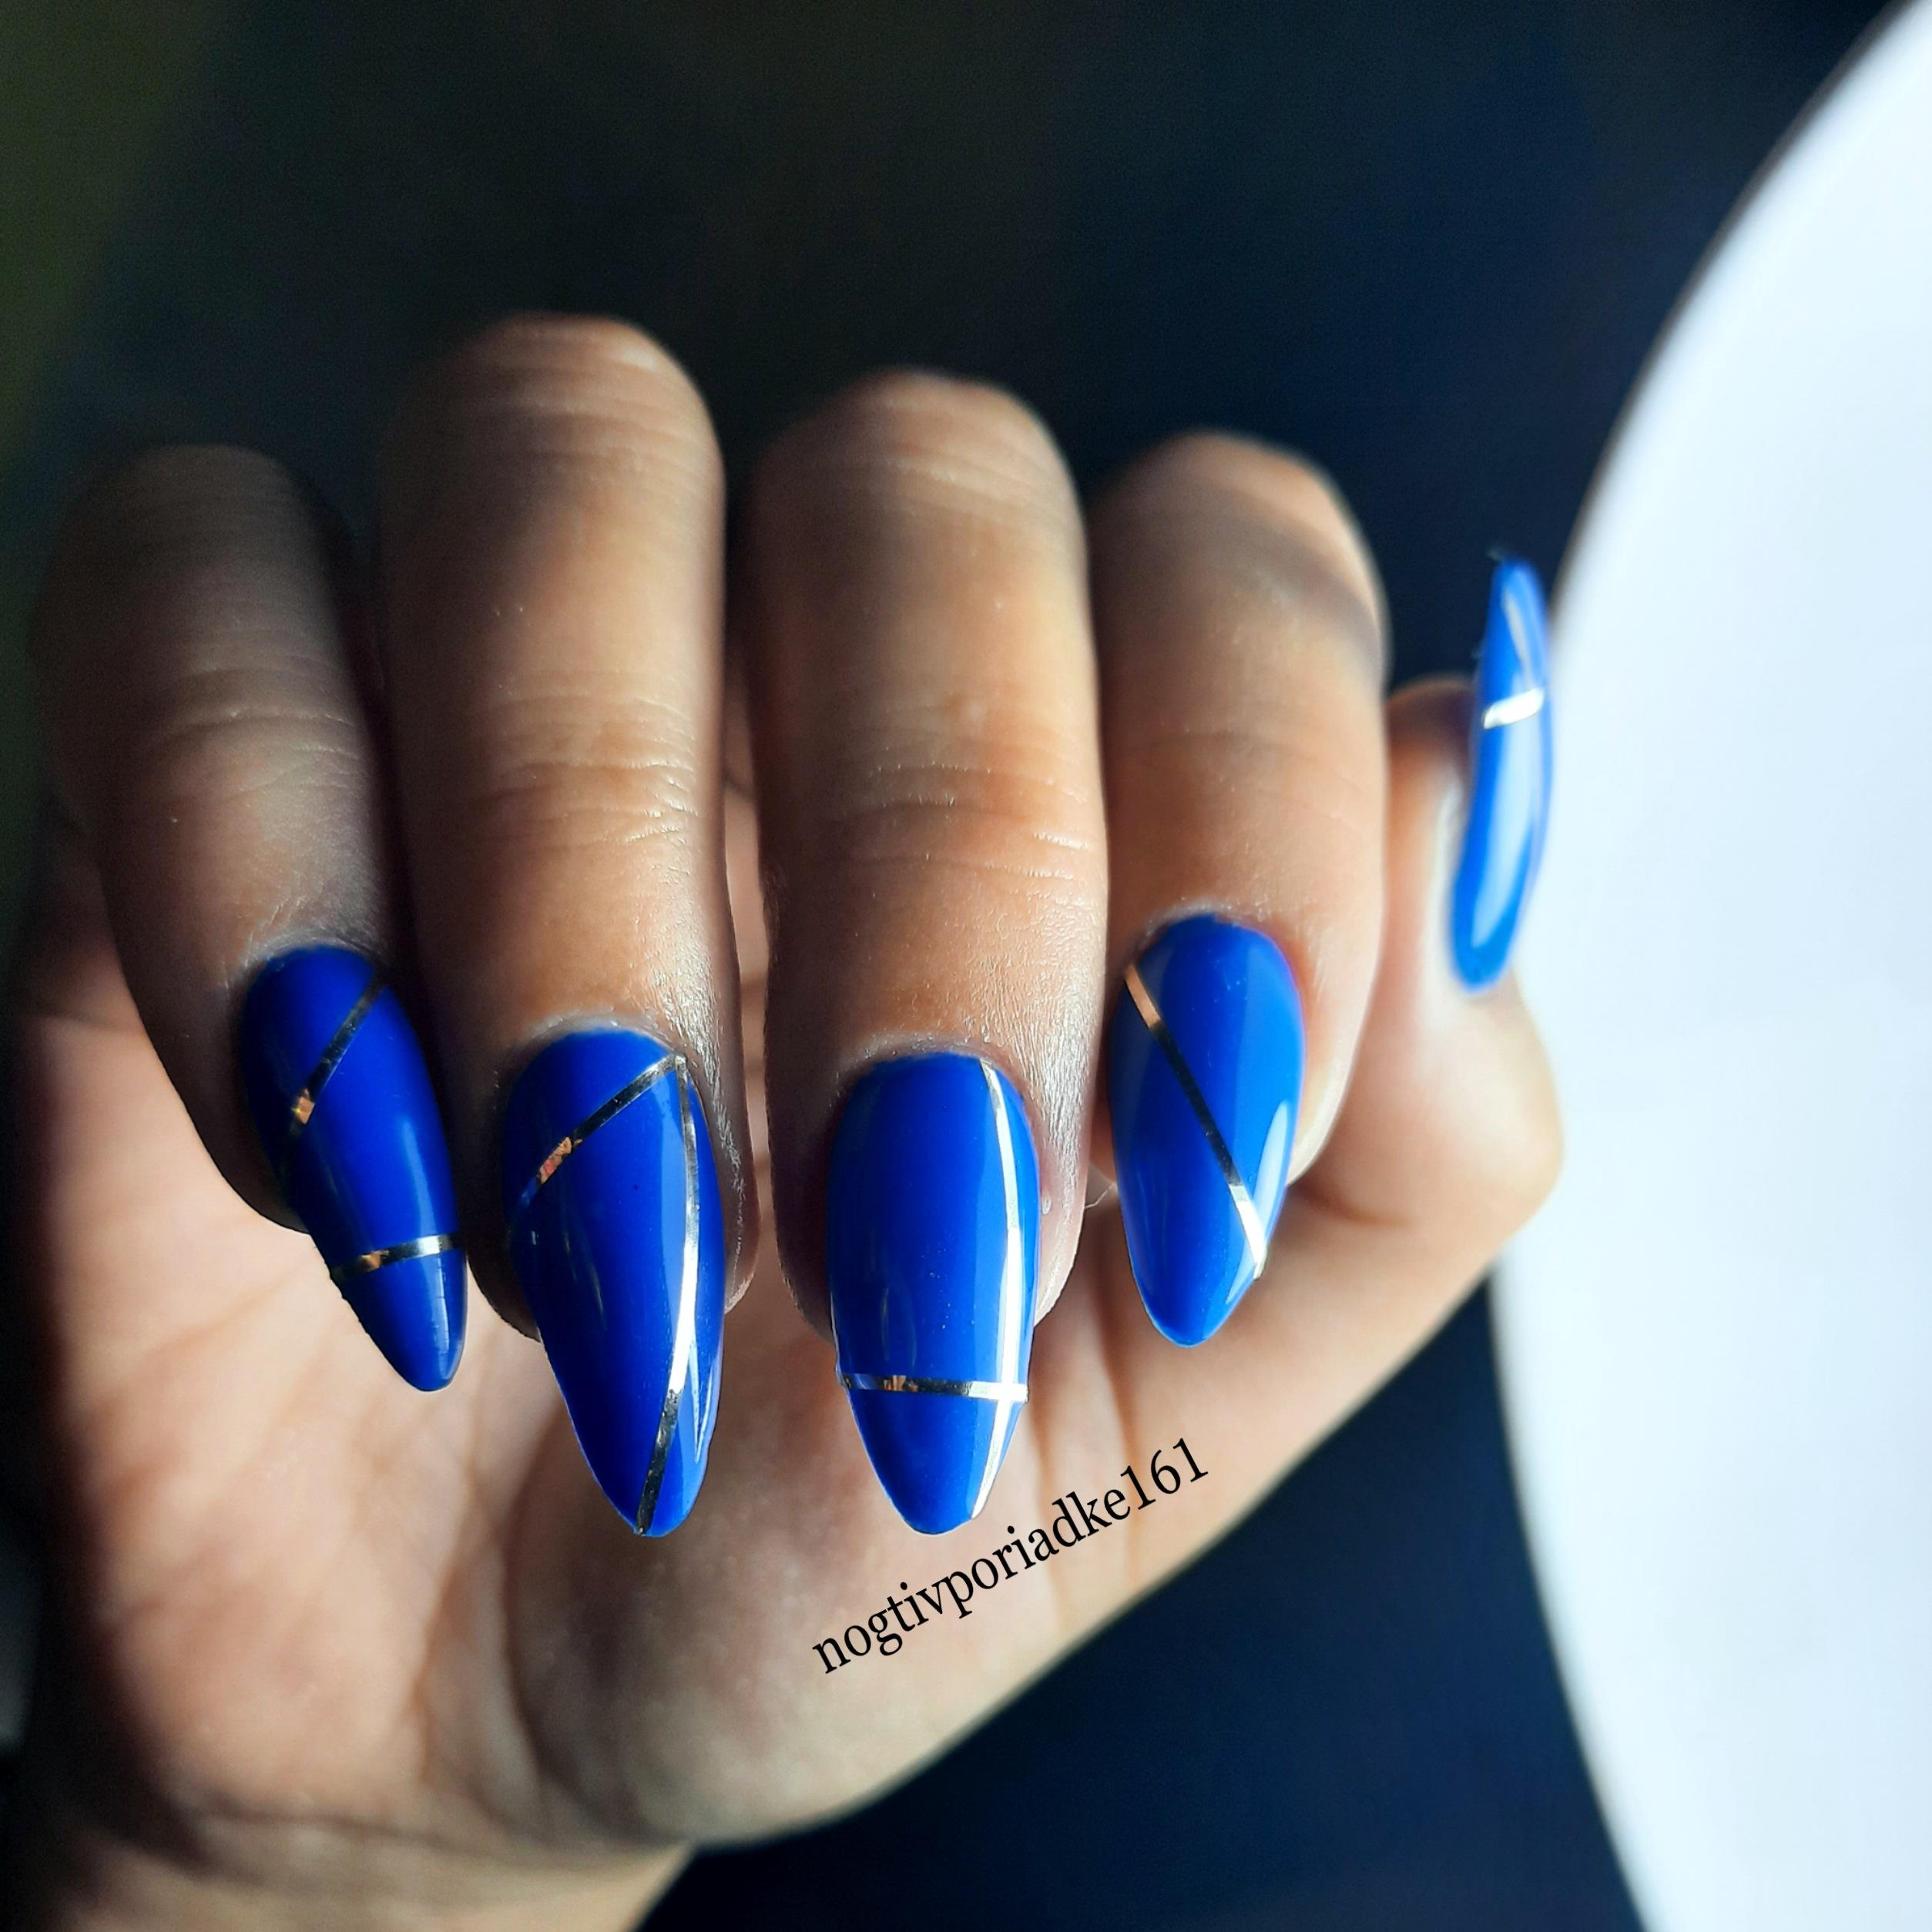 Маникюр с серебряными полосками в синем цвете на длинные ногти.